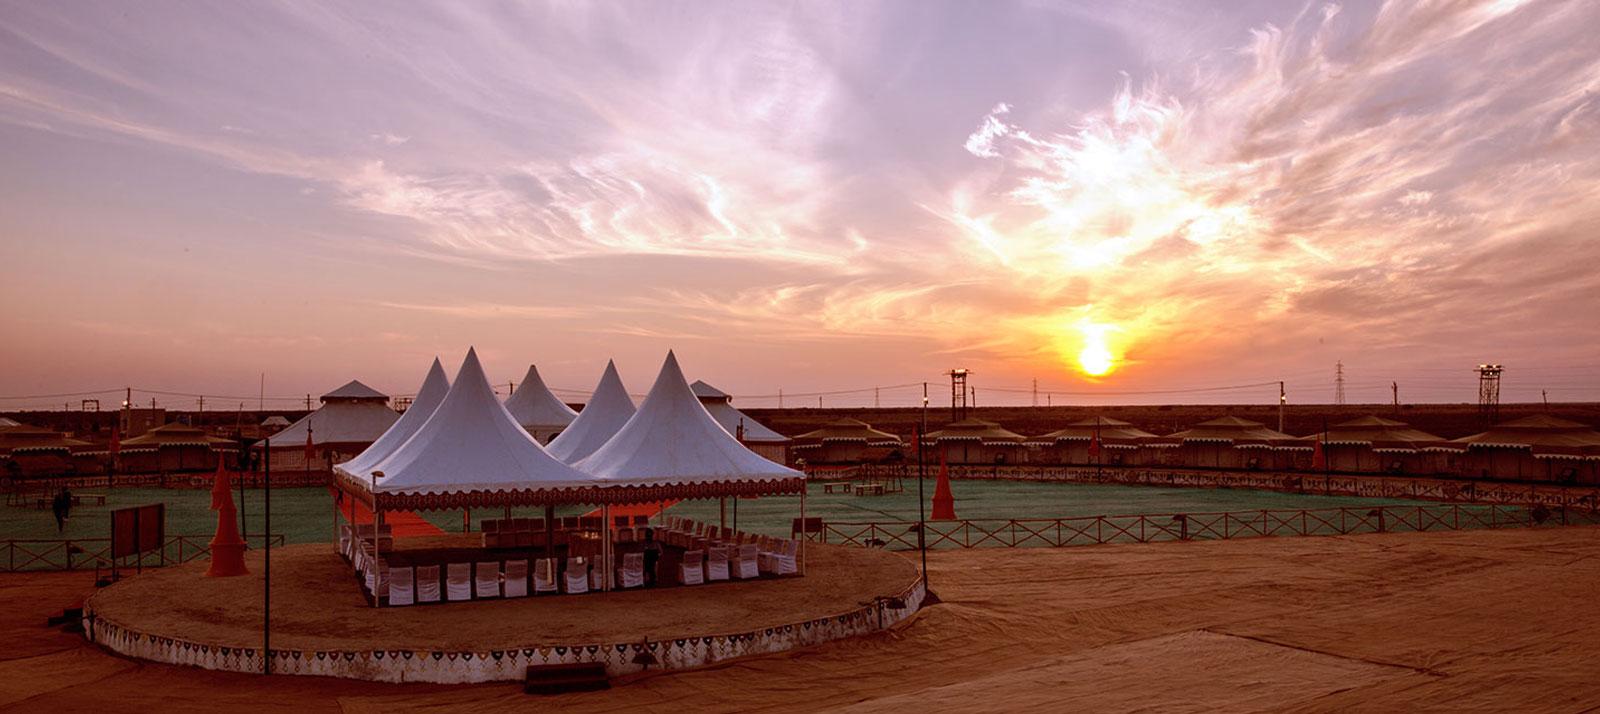 Gujarat Rann Utsav, Kutch Rann Utsav, Rann Utsav Tour, Rann of Kutch, Kutch Rann Utsav, White Rann of Kutch, Rann UtsavGujarat